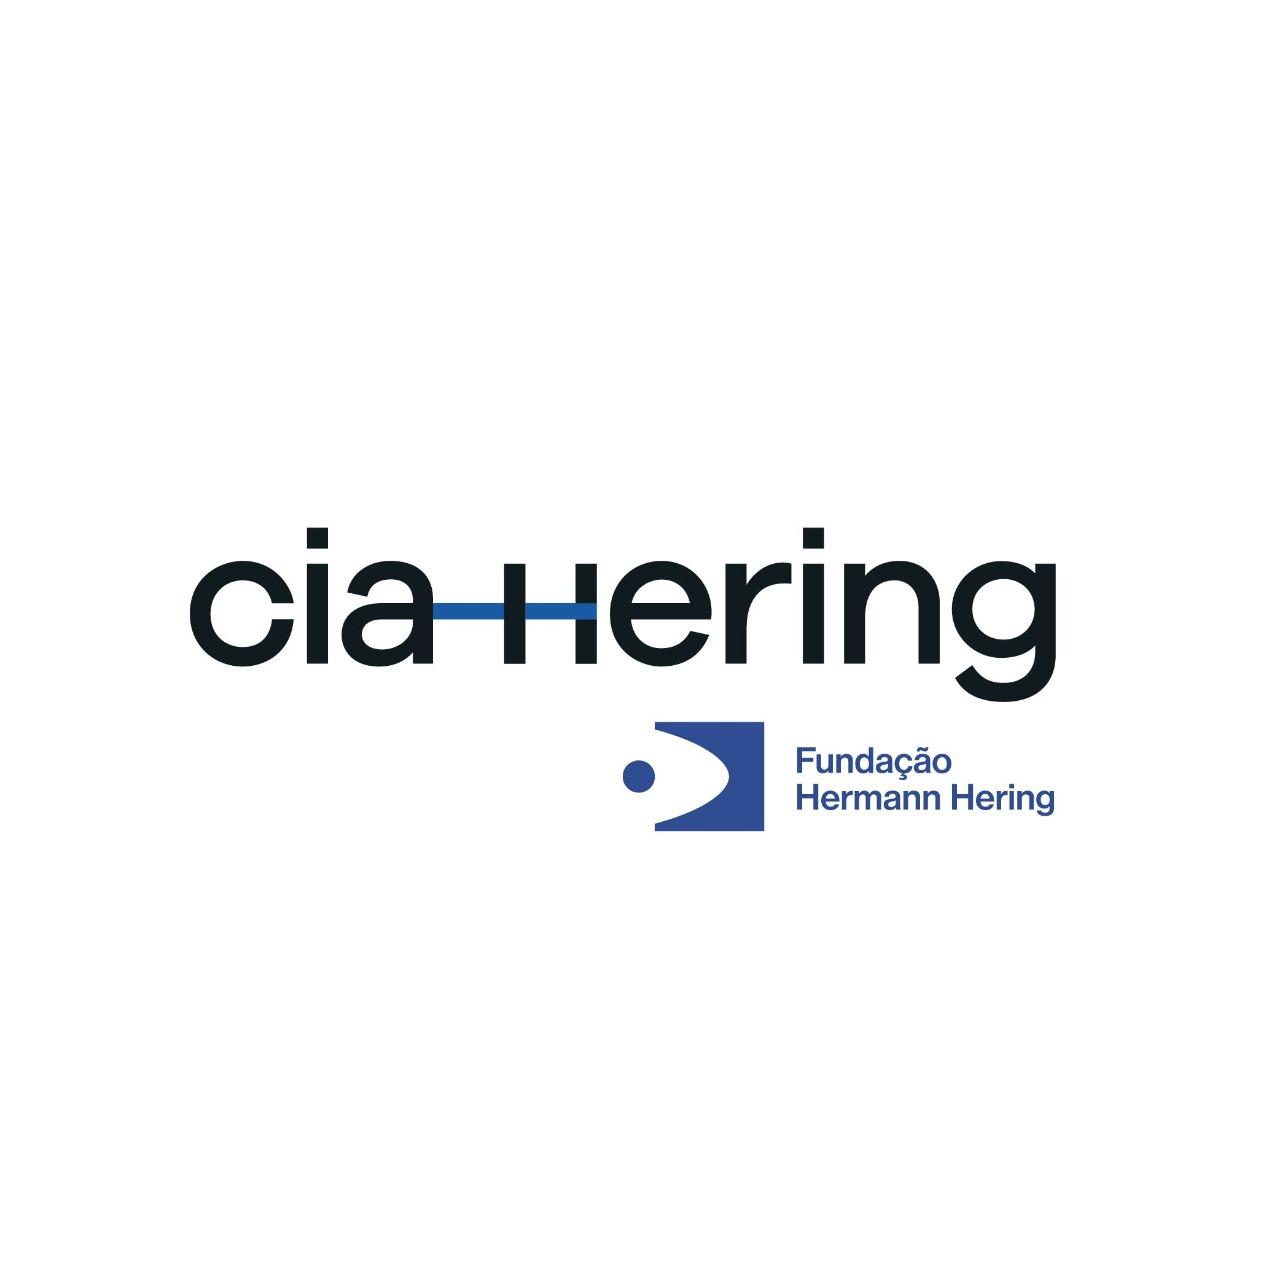 Logotipo AAAAB Companhia Hering - Fundação Hermann Hering